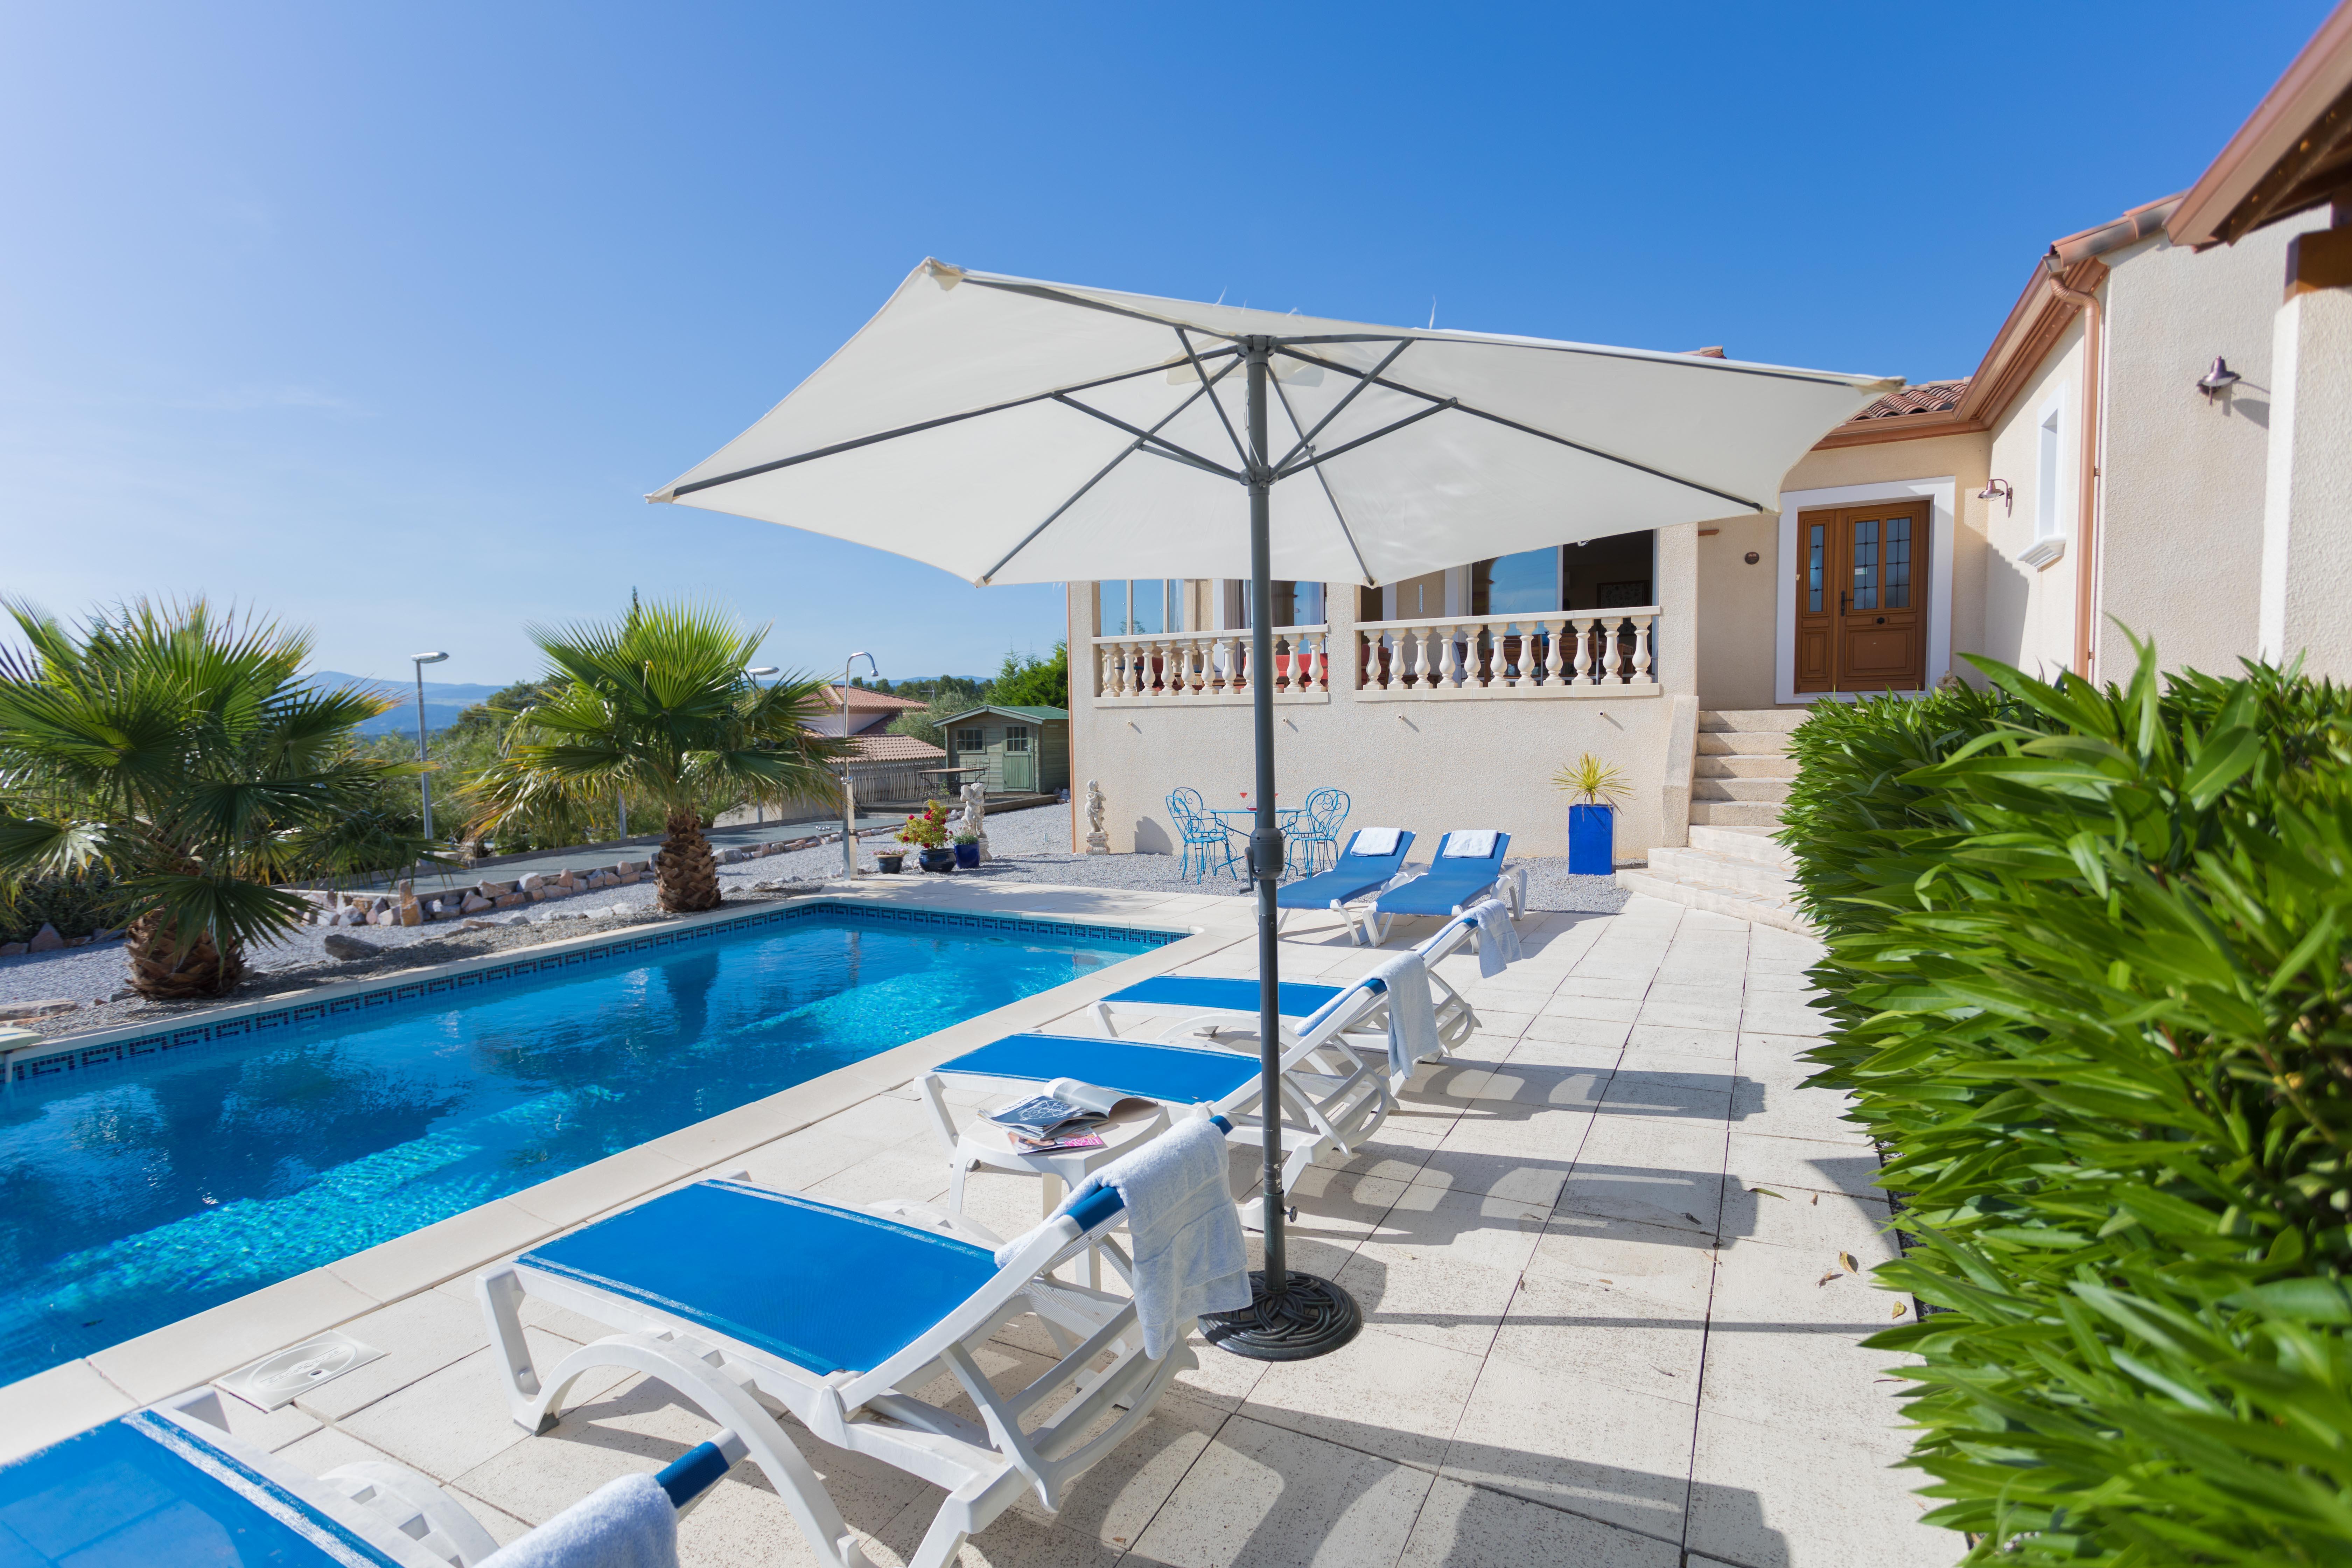 Vijf x huizen met een verwarmbaar priv zwembad nieuws for Zwembad prive